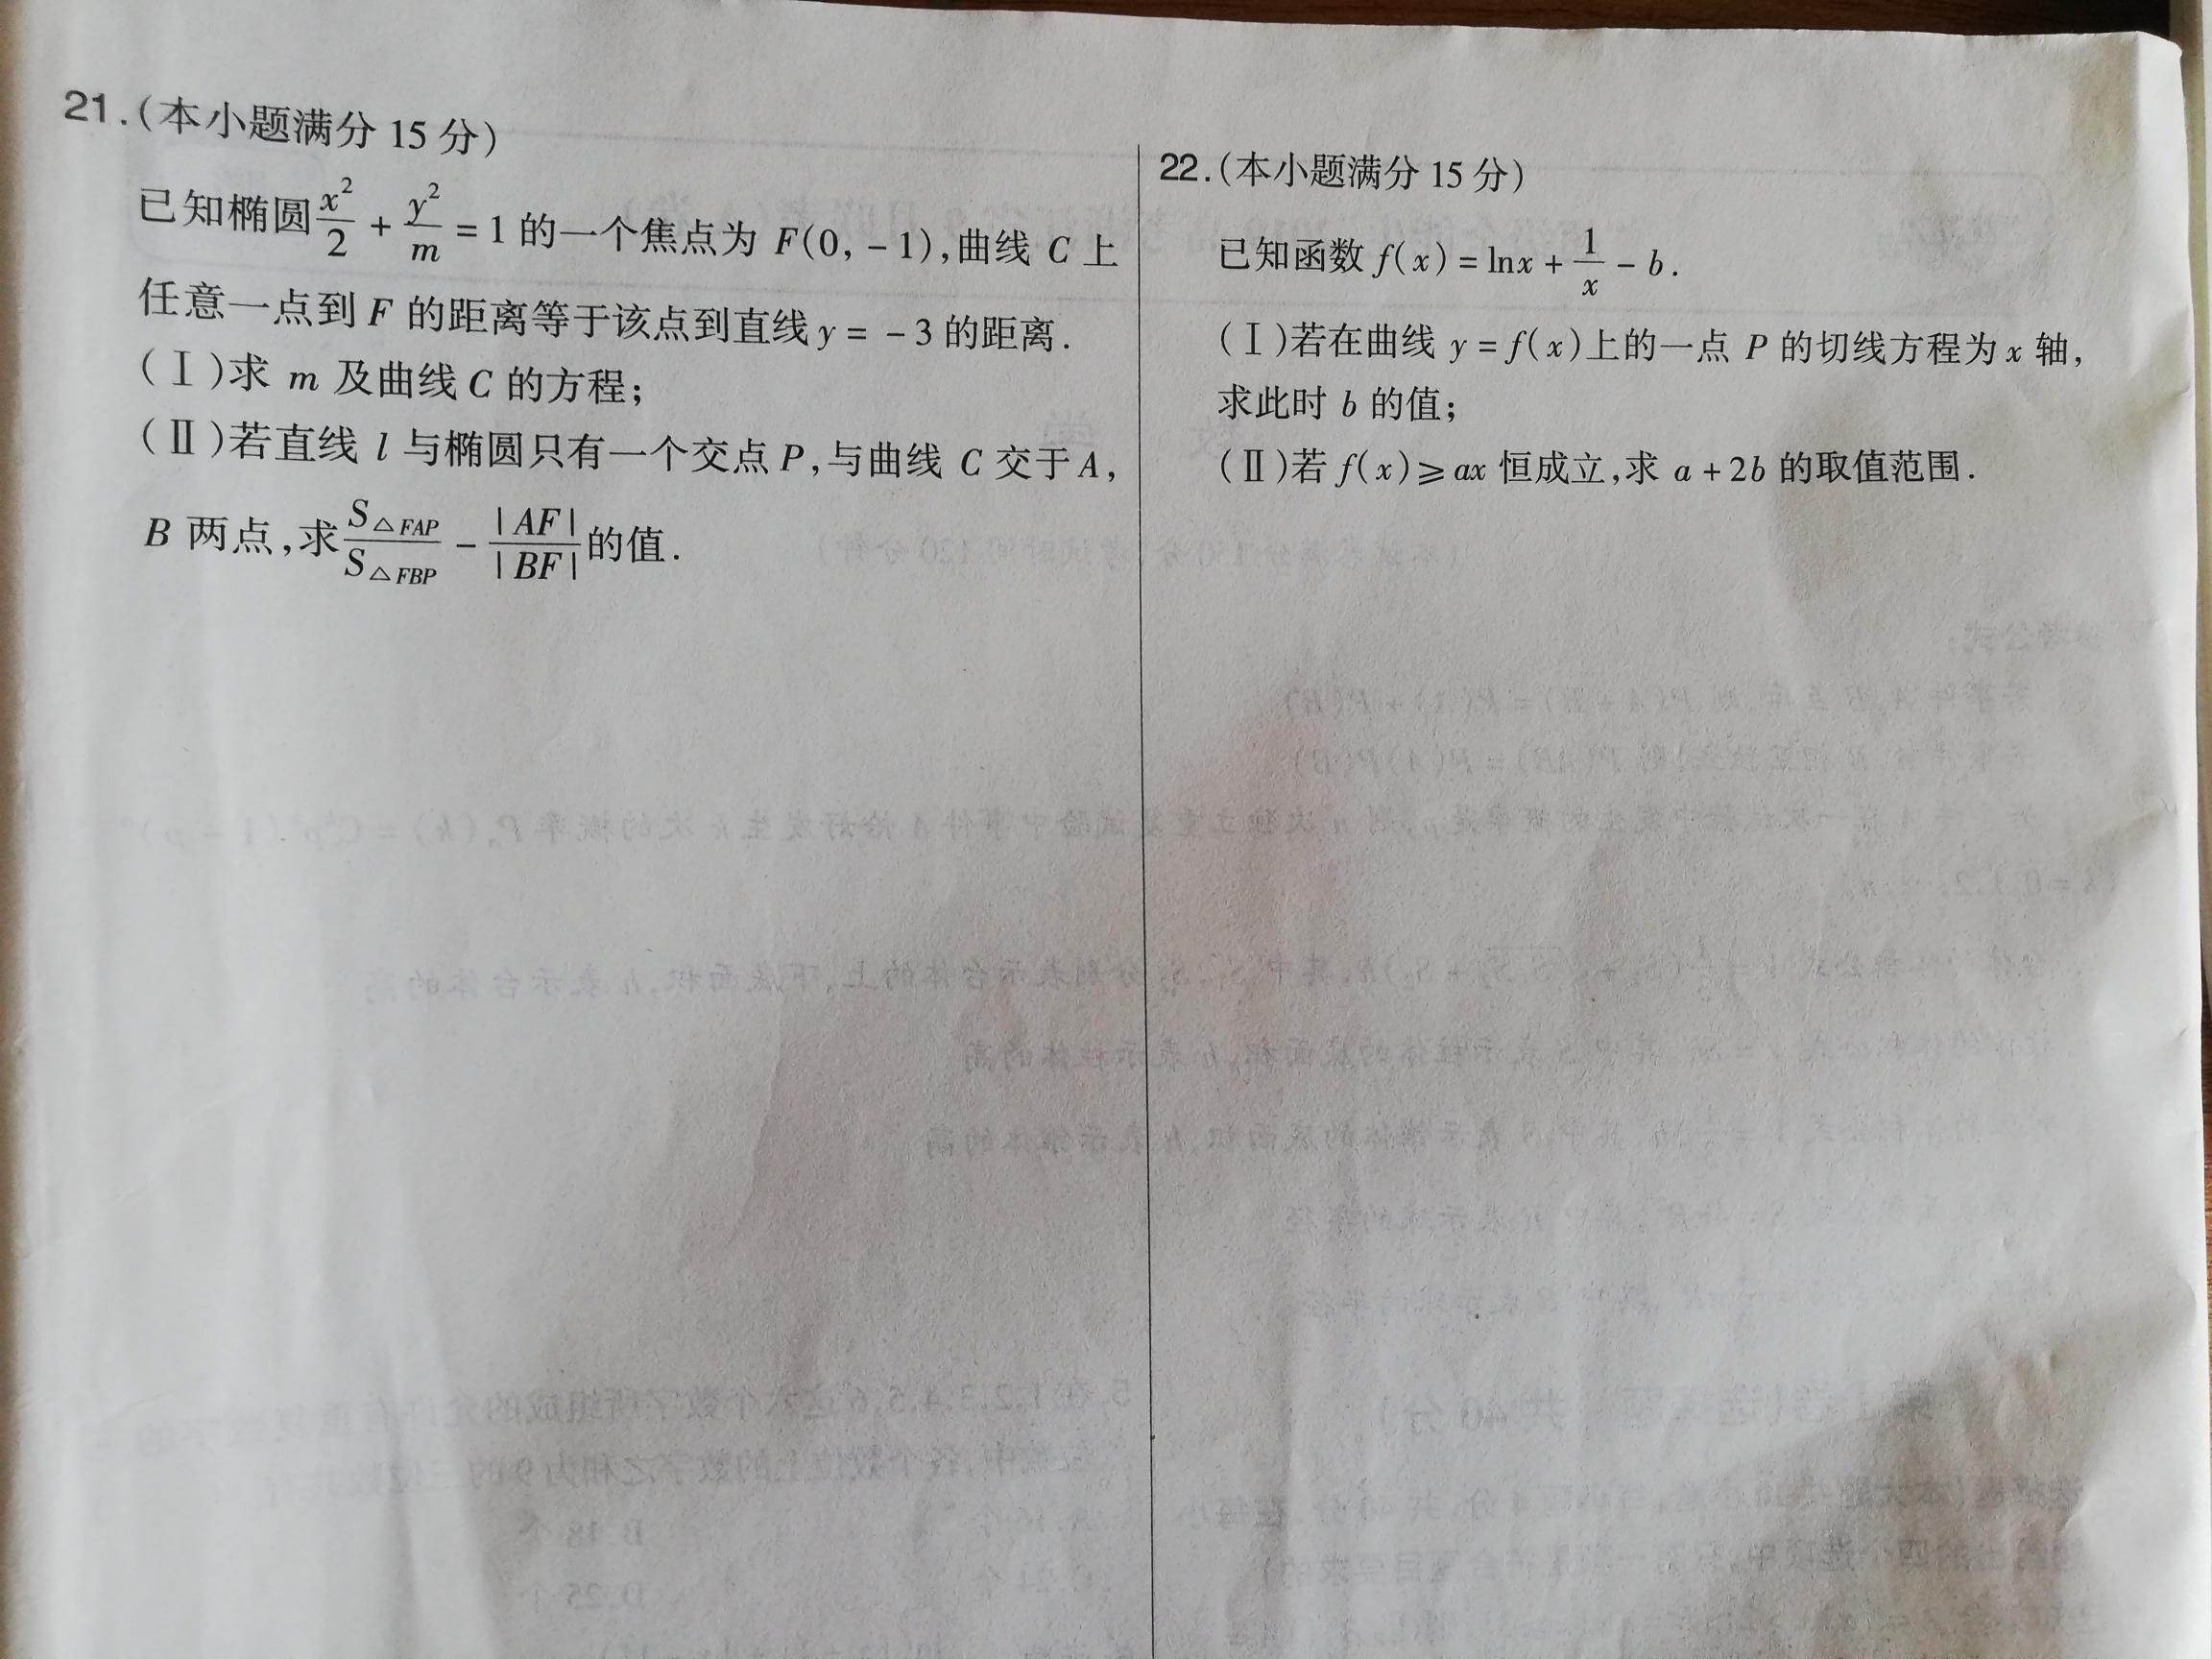 梁老师师相册2